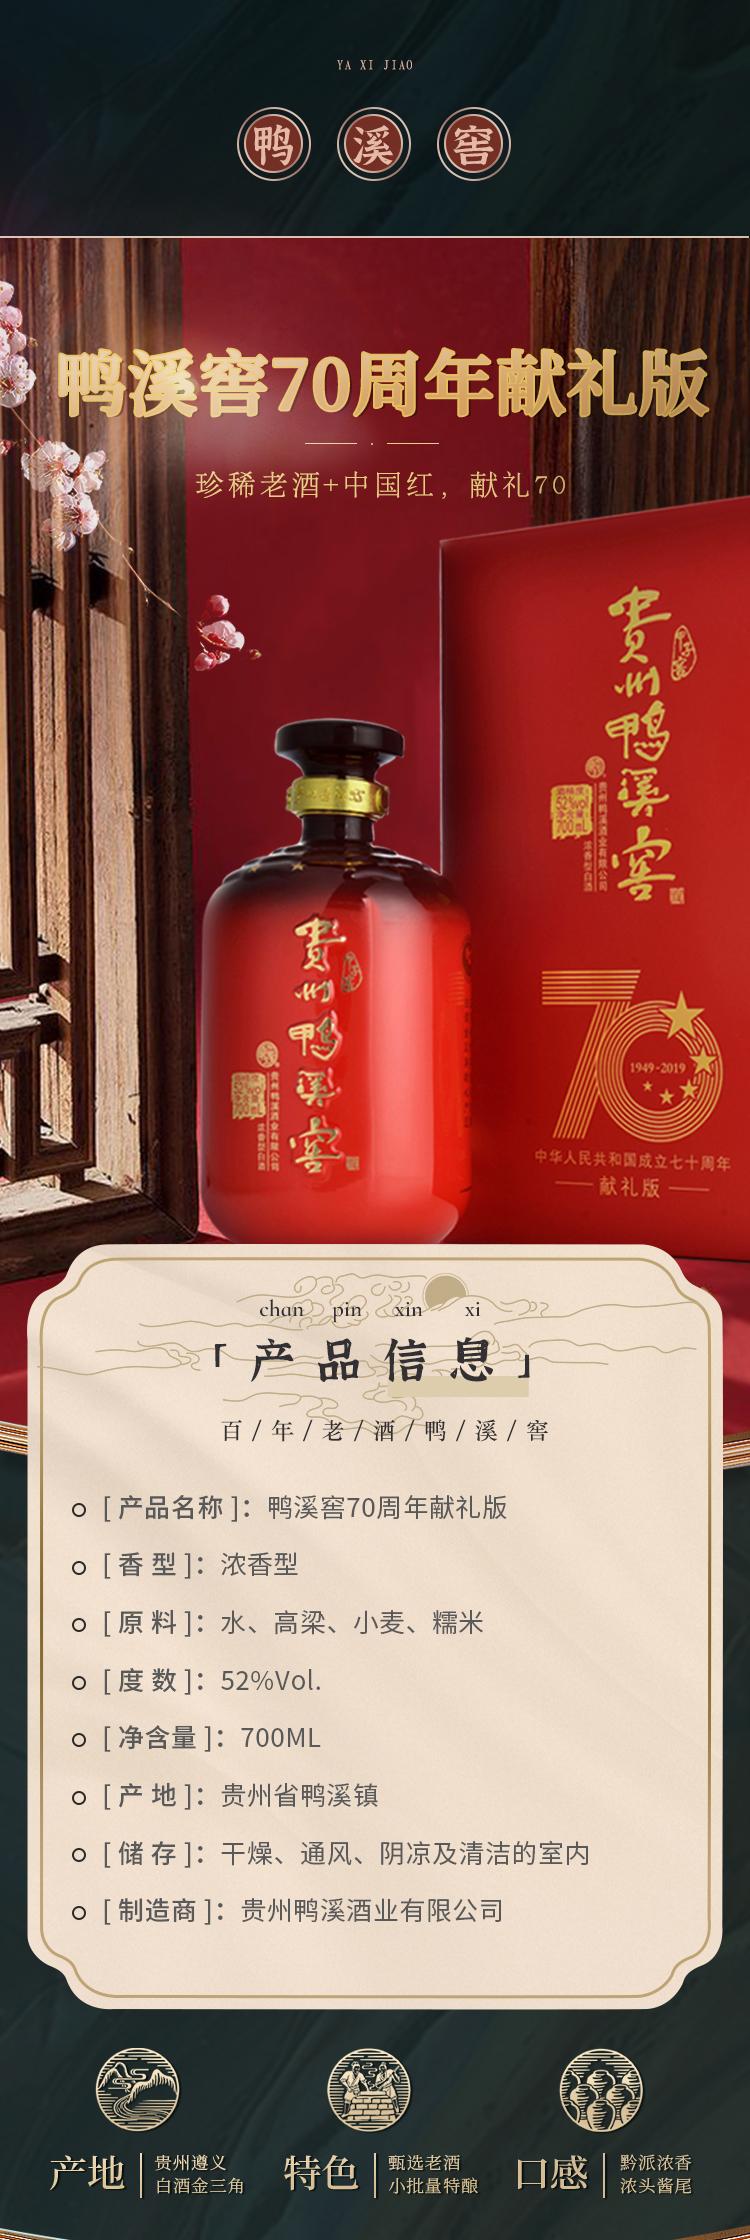 70周年献礼版_01.jpg